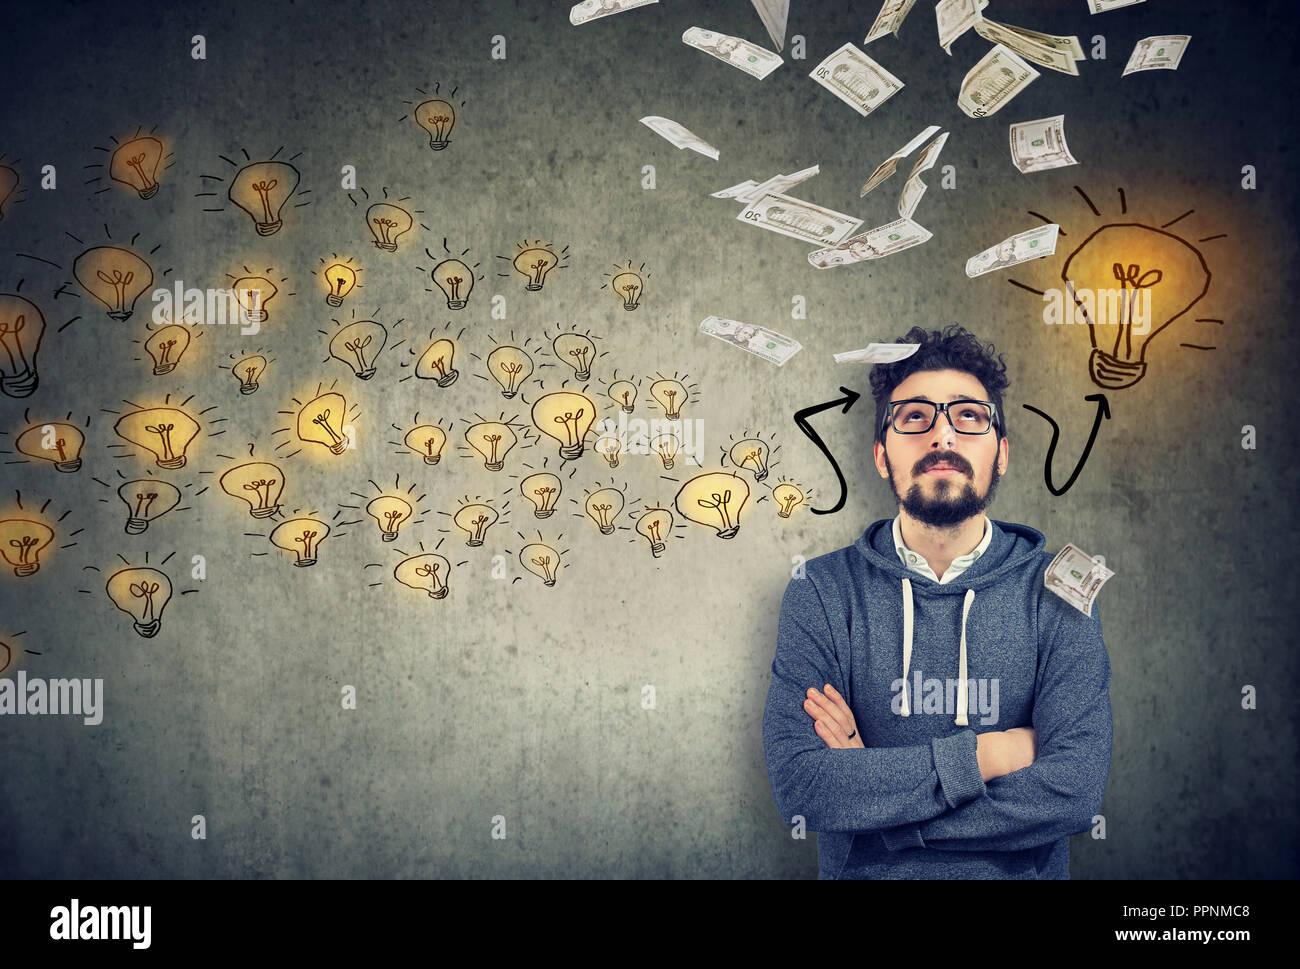 Hübscher junger Mann Nachsinnen über eine neue finanziell erfolgreiche Idee Stockbild